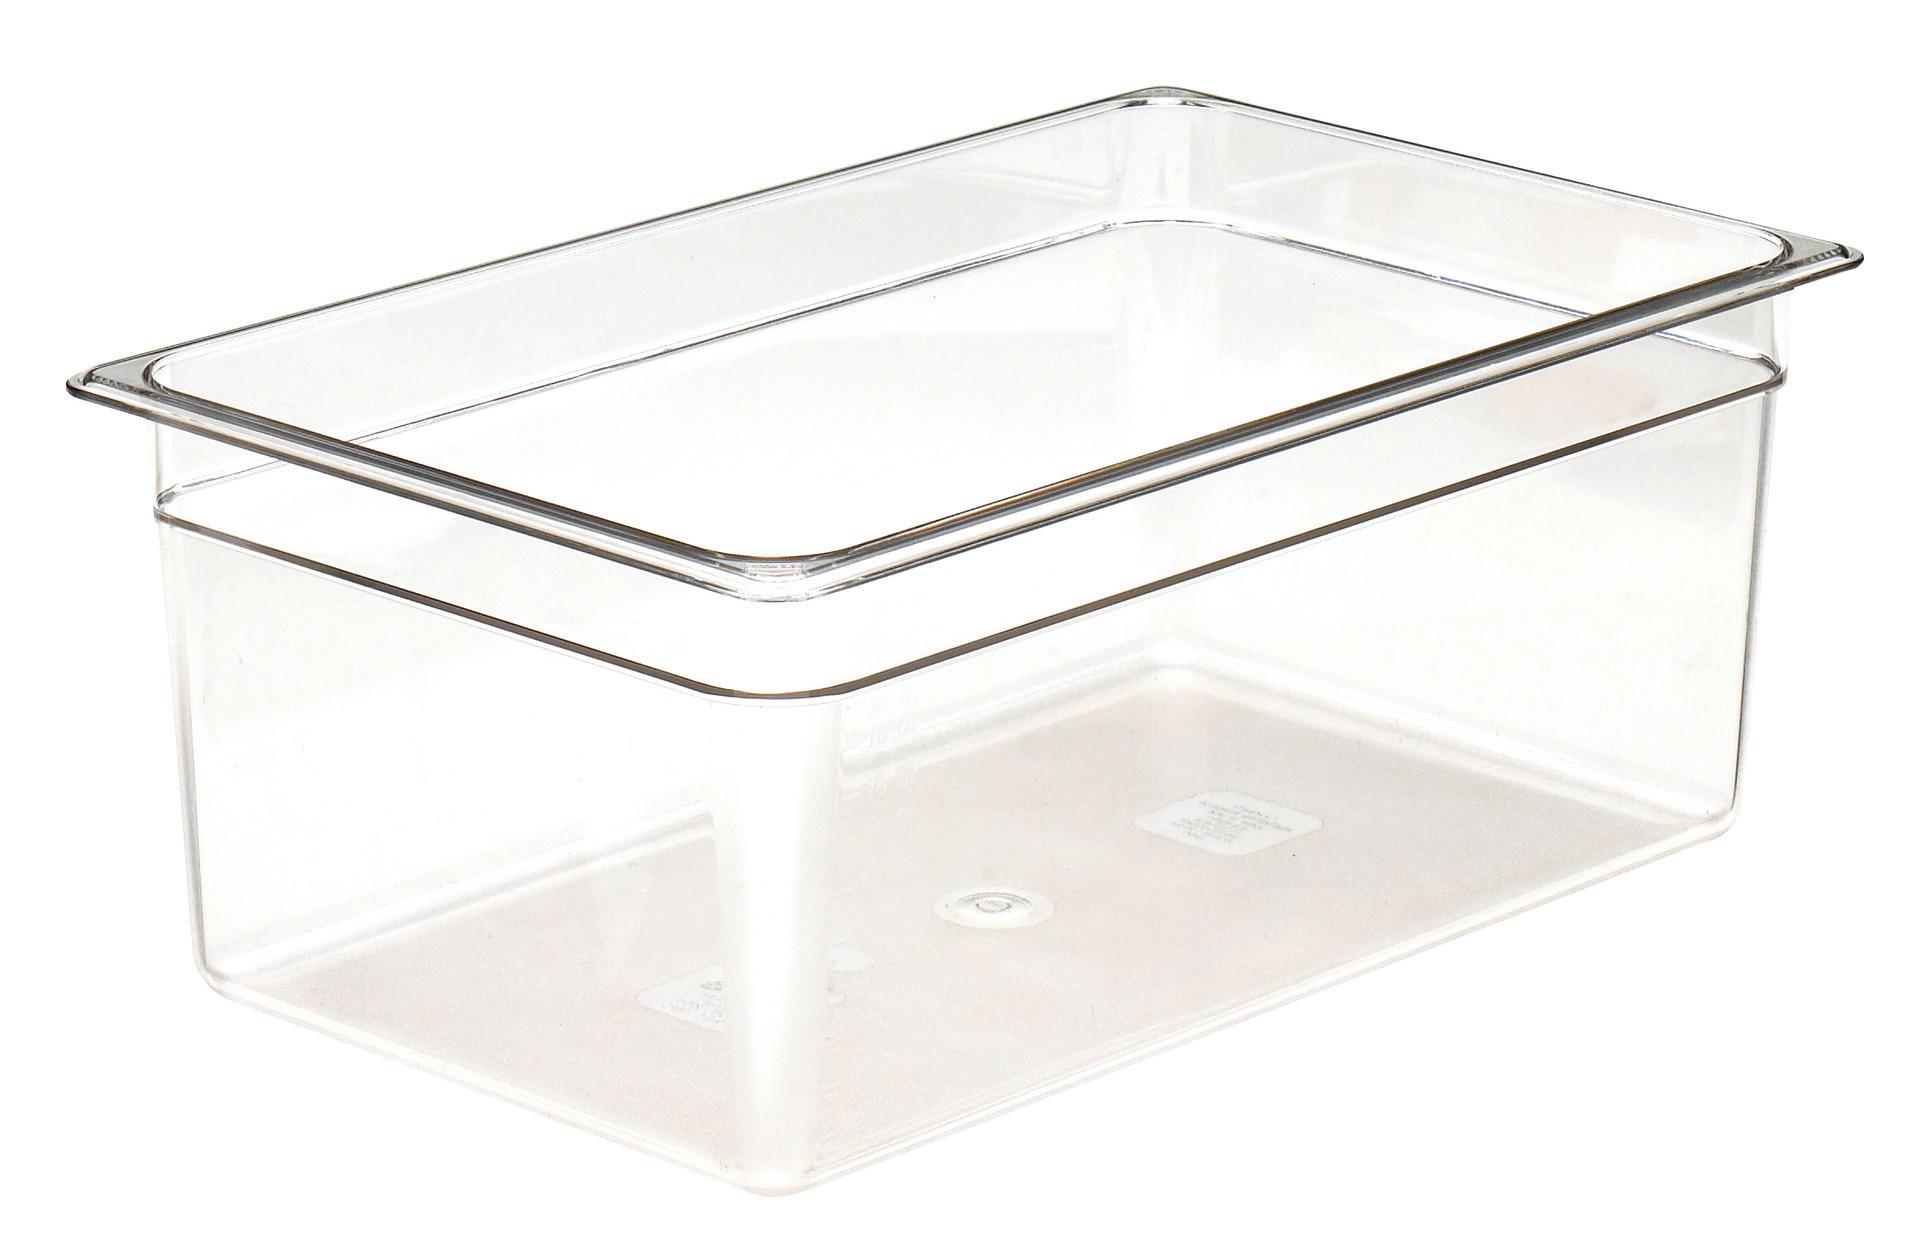 GN-Behälter GN 1/1 25,60 l / 530 x 325 x 200 mm durchsichtig